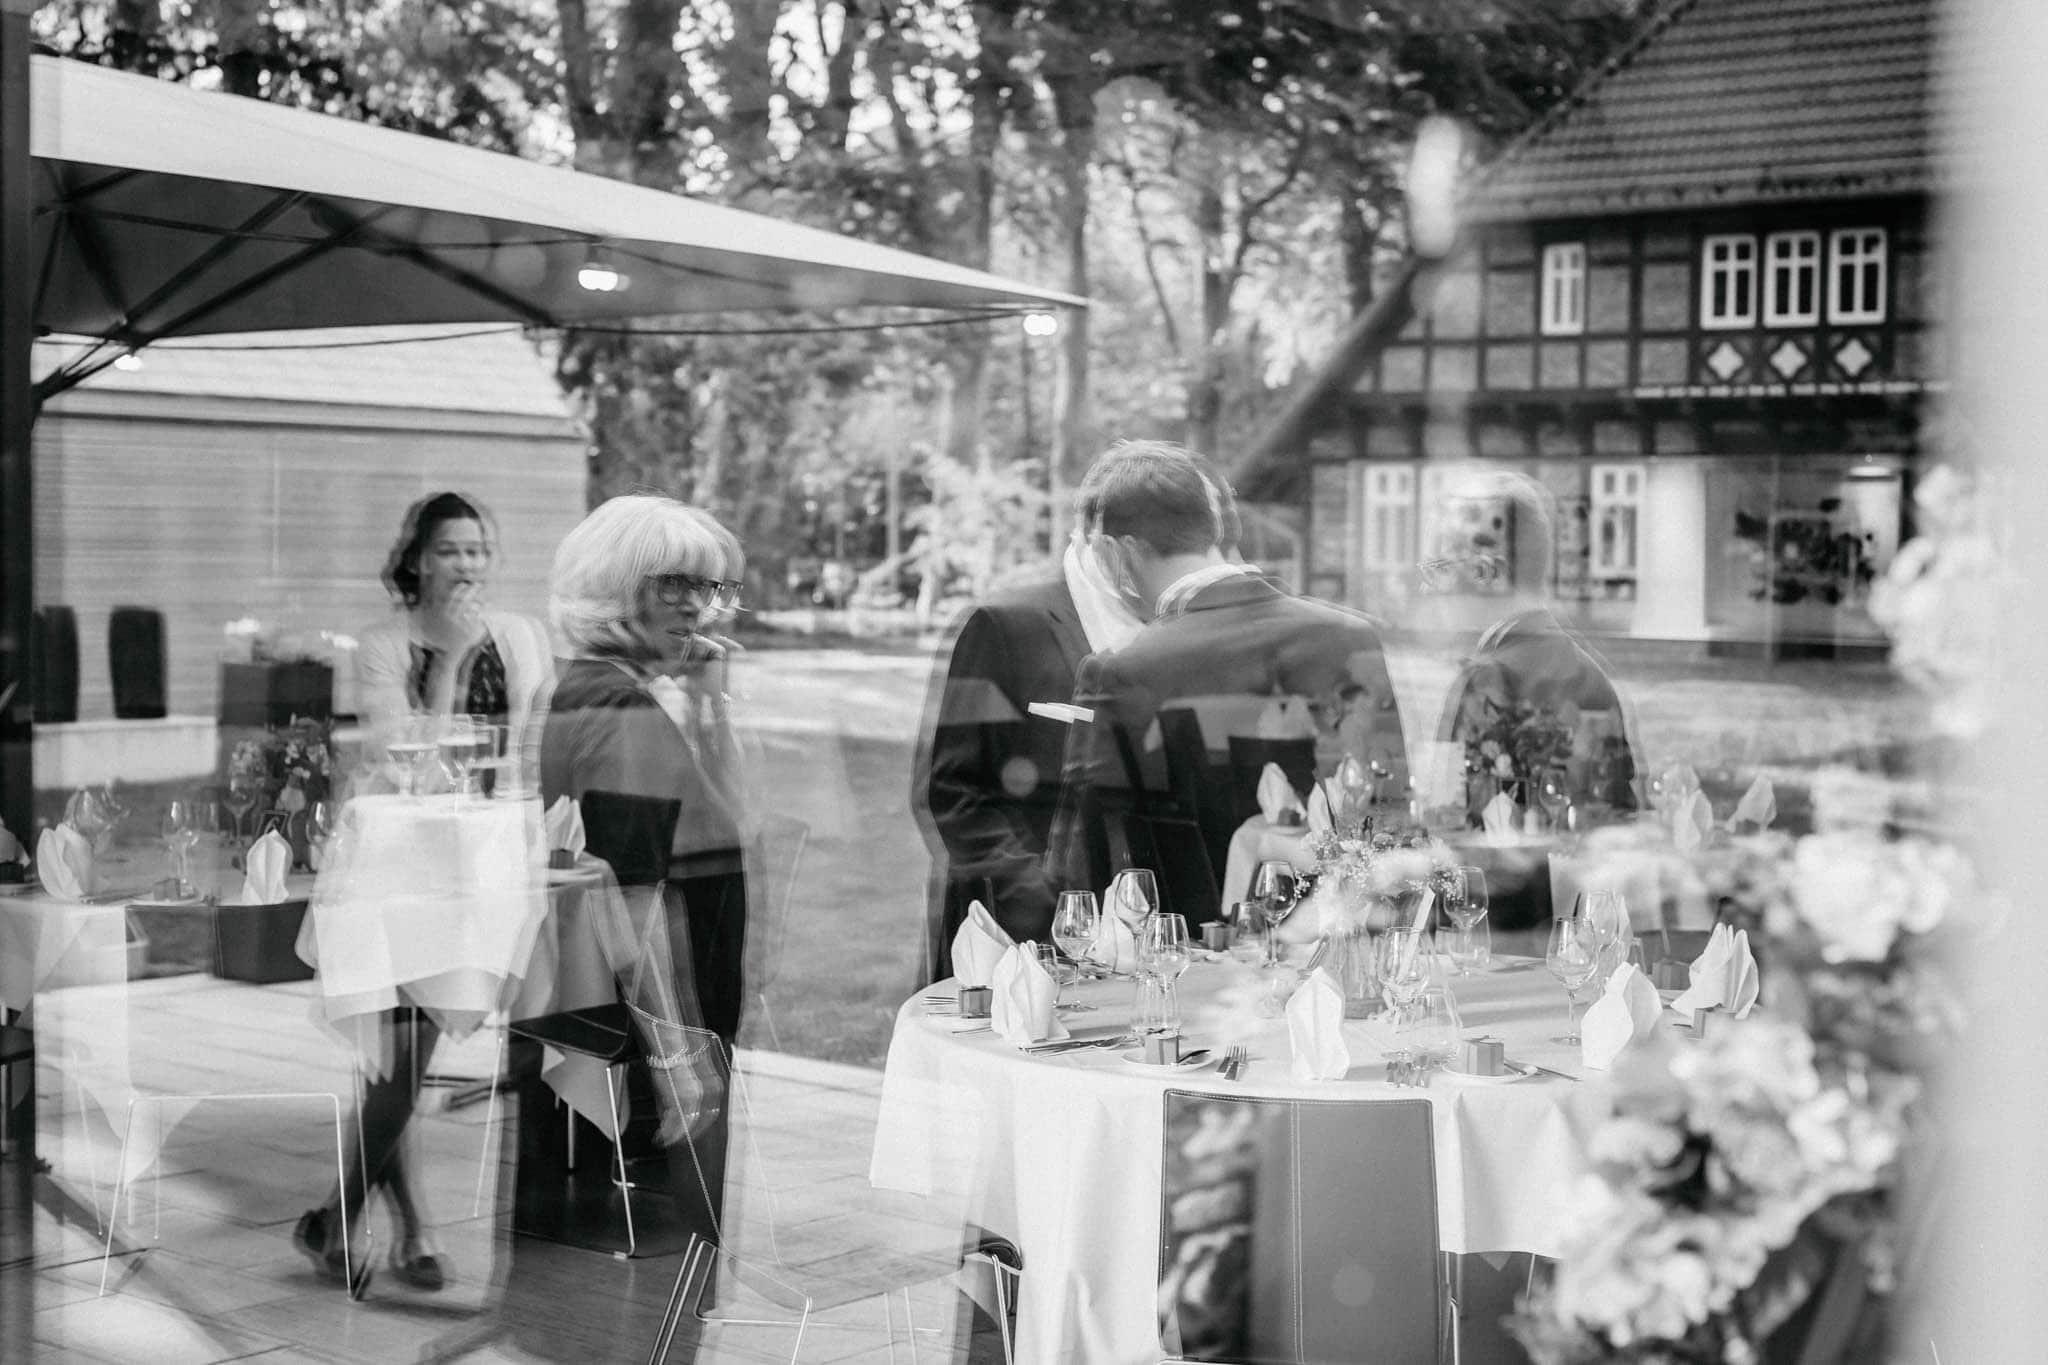 Hochzeitsfieber by Photo-Schomburg, Hochzeitsfotograf, Hamburg, Bremen, Hochzeitstag, Hochzeitspaar, Braut, Bräutigam, Bremen-Kränholm,Knoops Park-167